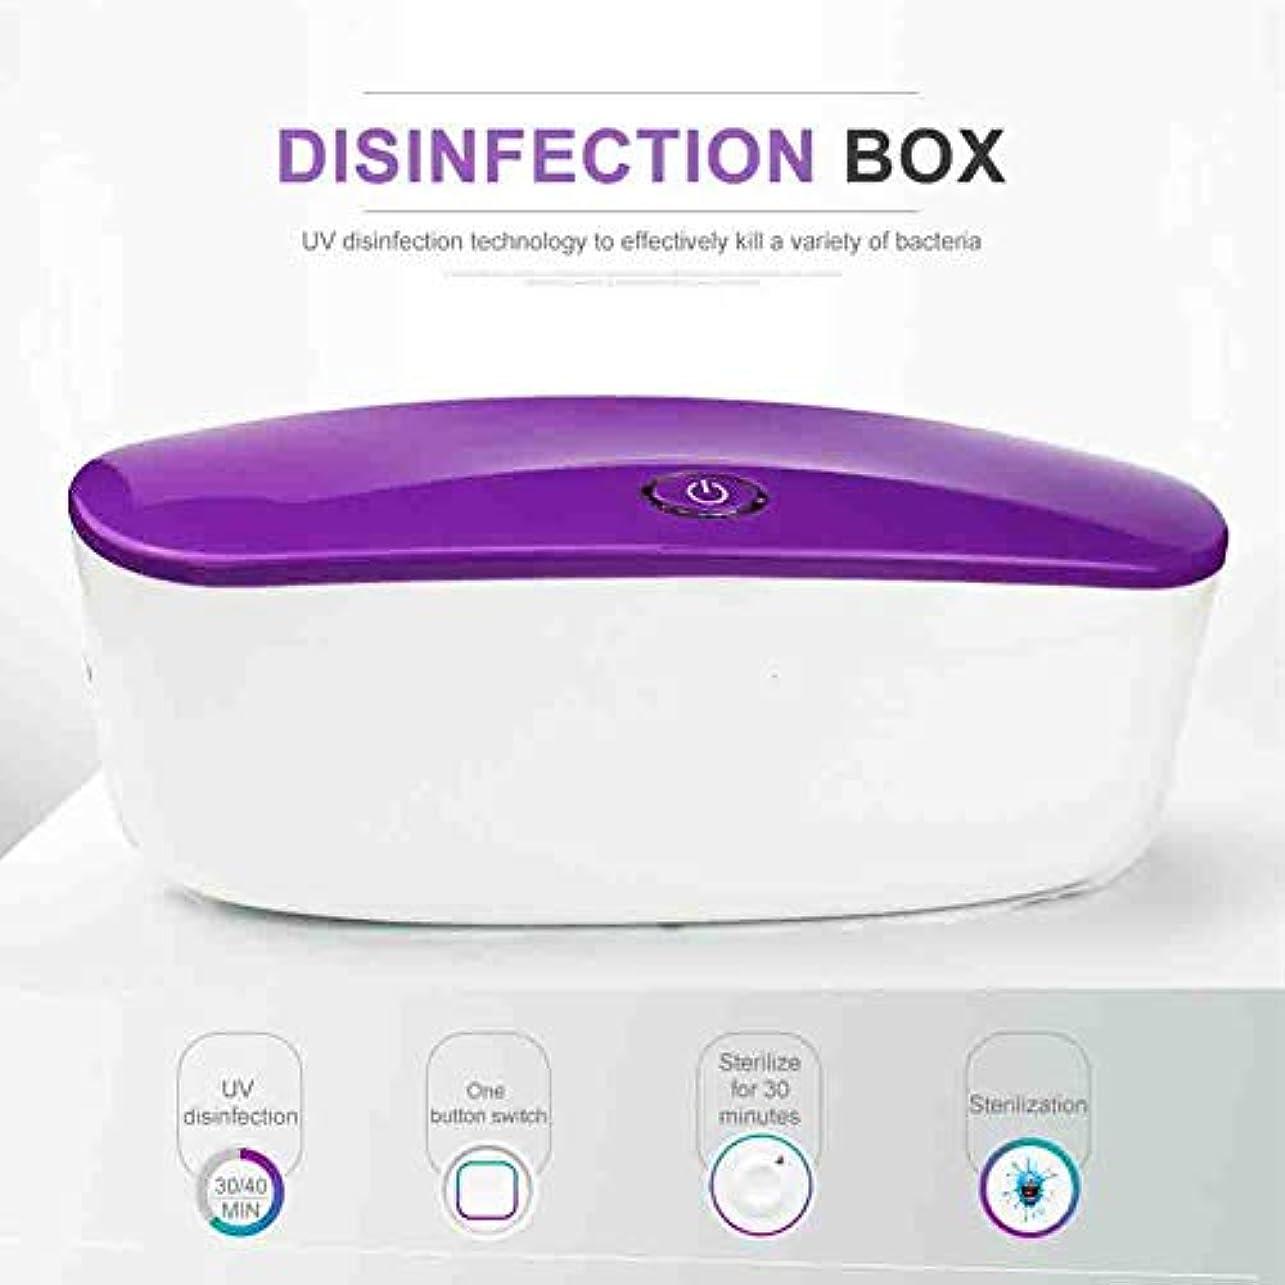 注ぎます言い聞かせる低い多機能ネイル消毒ボックスポータブルUSB電源UVCバンド紫外線消毒ツール,Purple